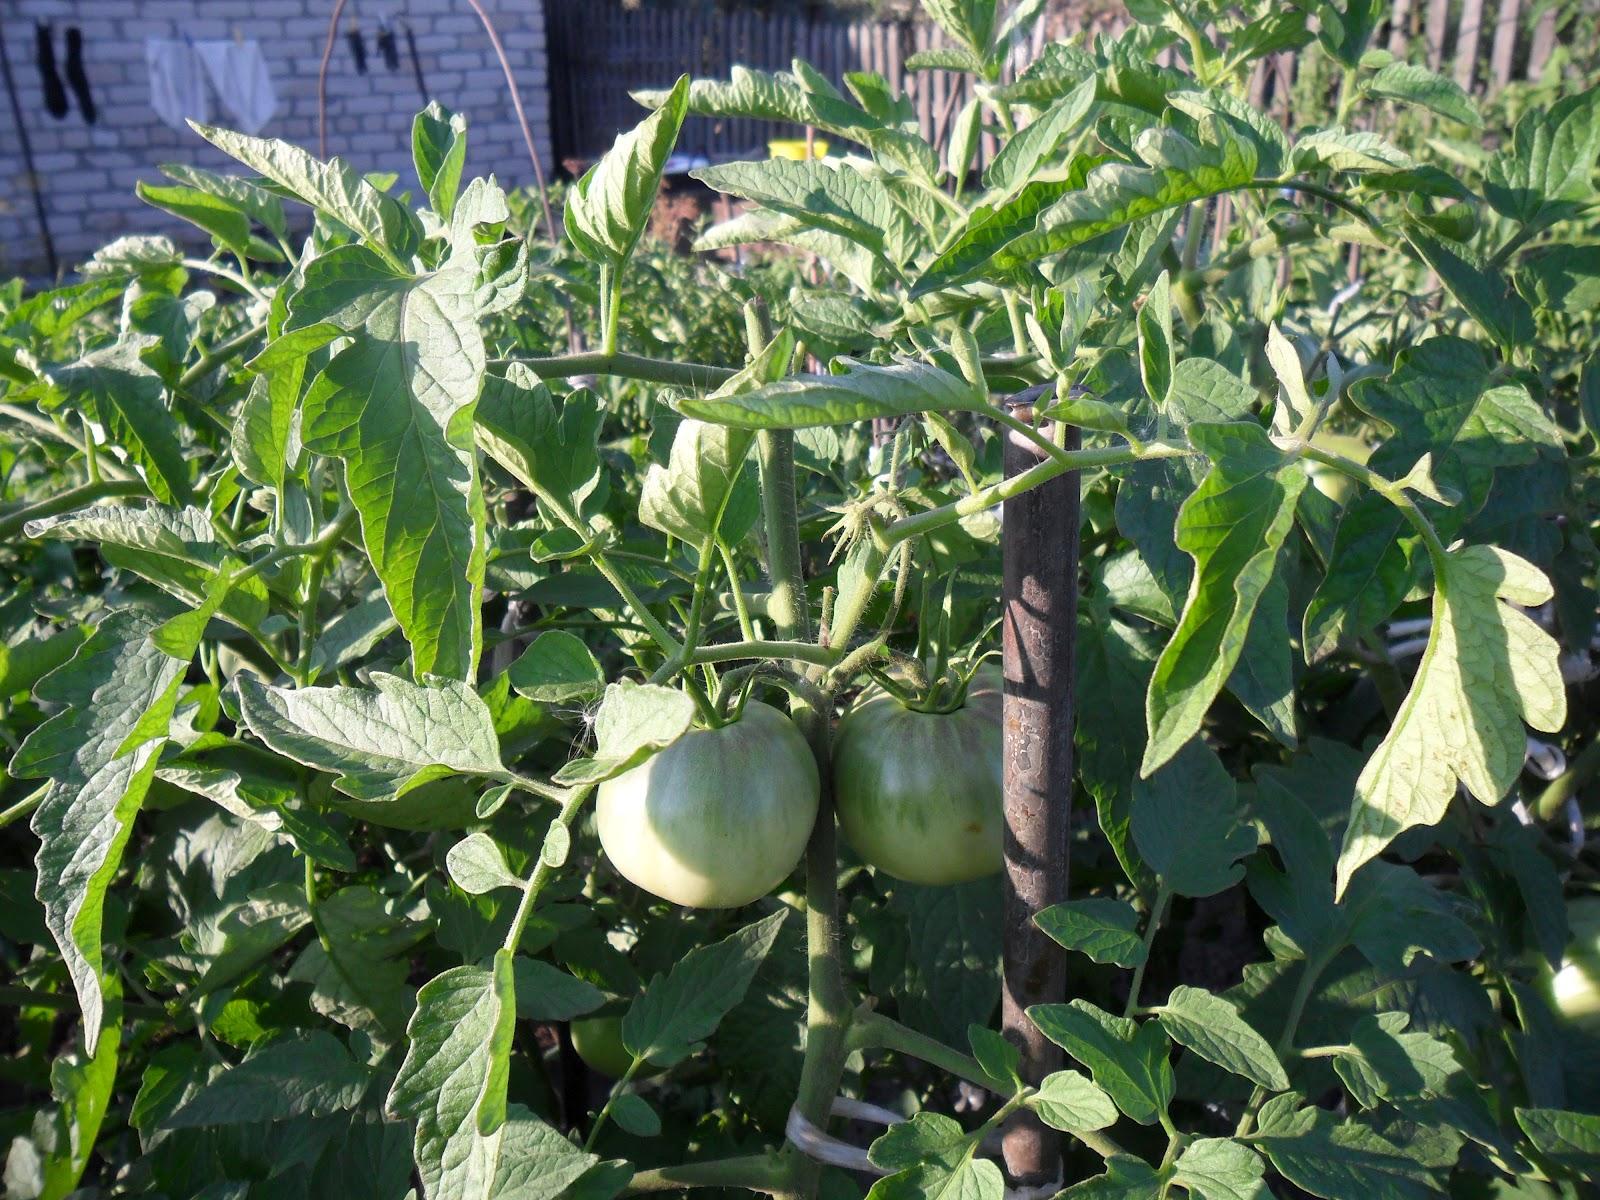 vkusniogorod - Прищипка верхушек помидоров